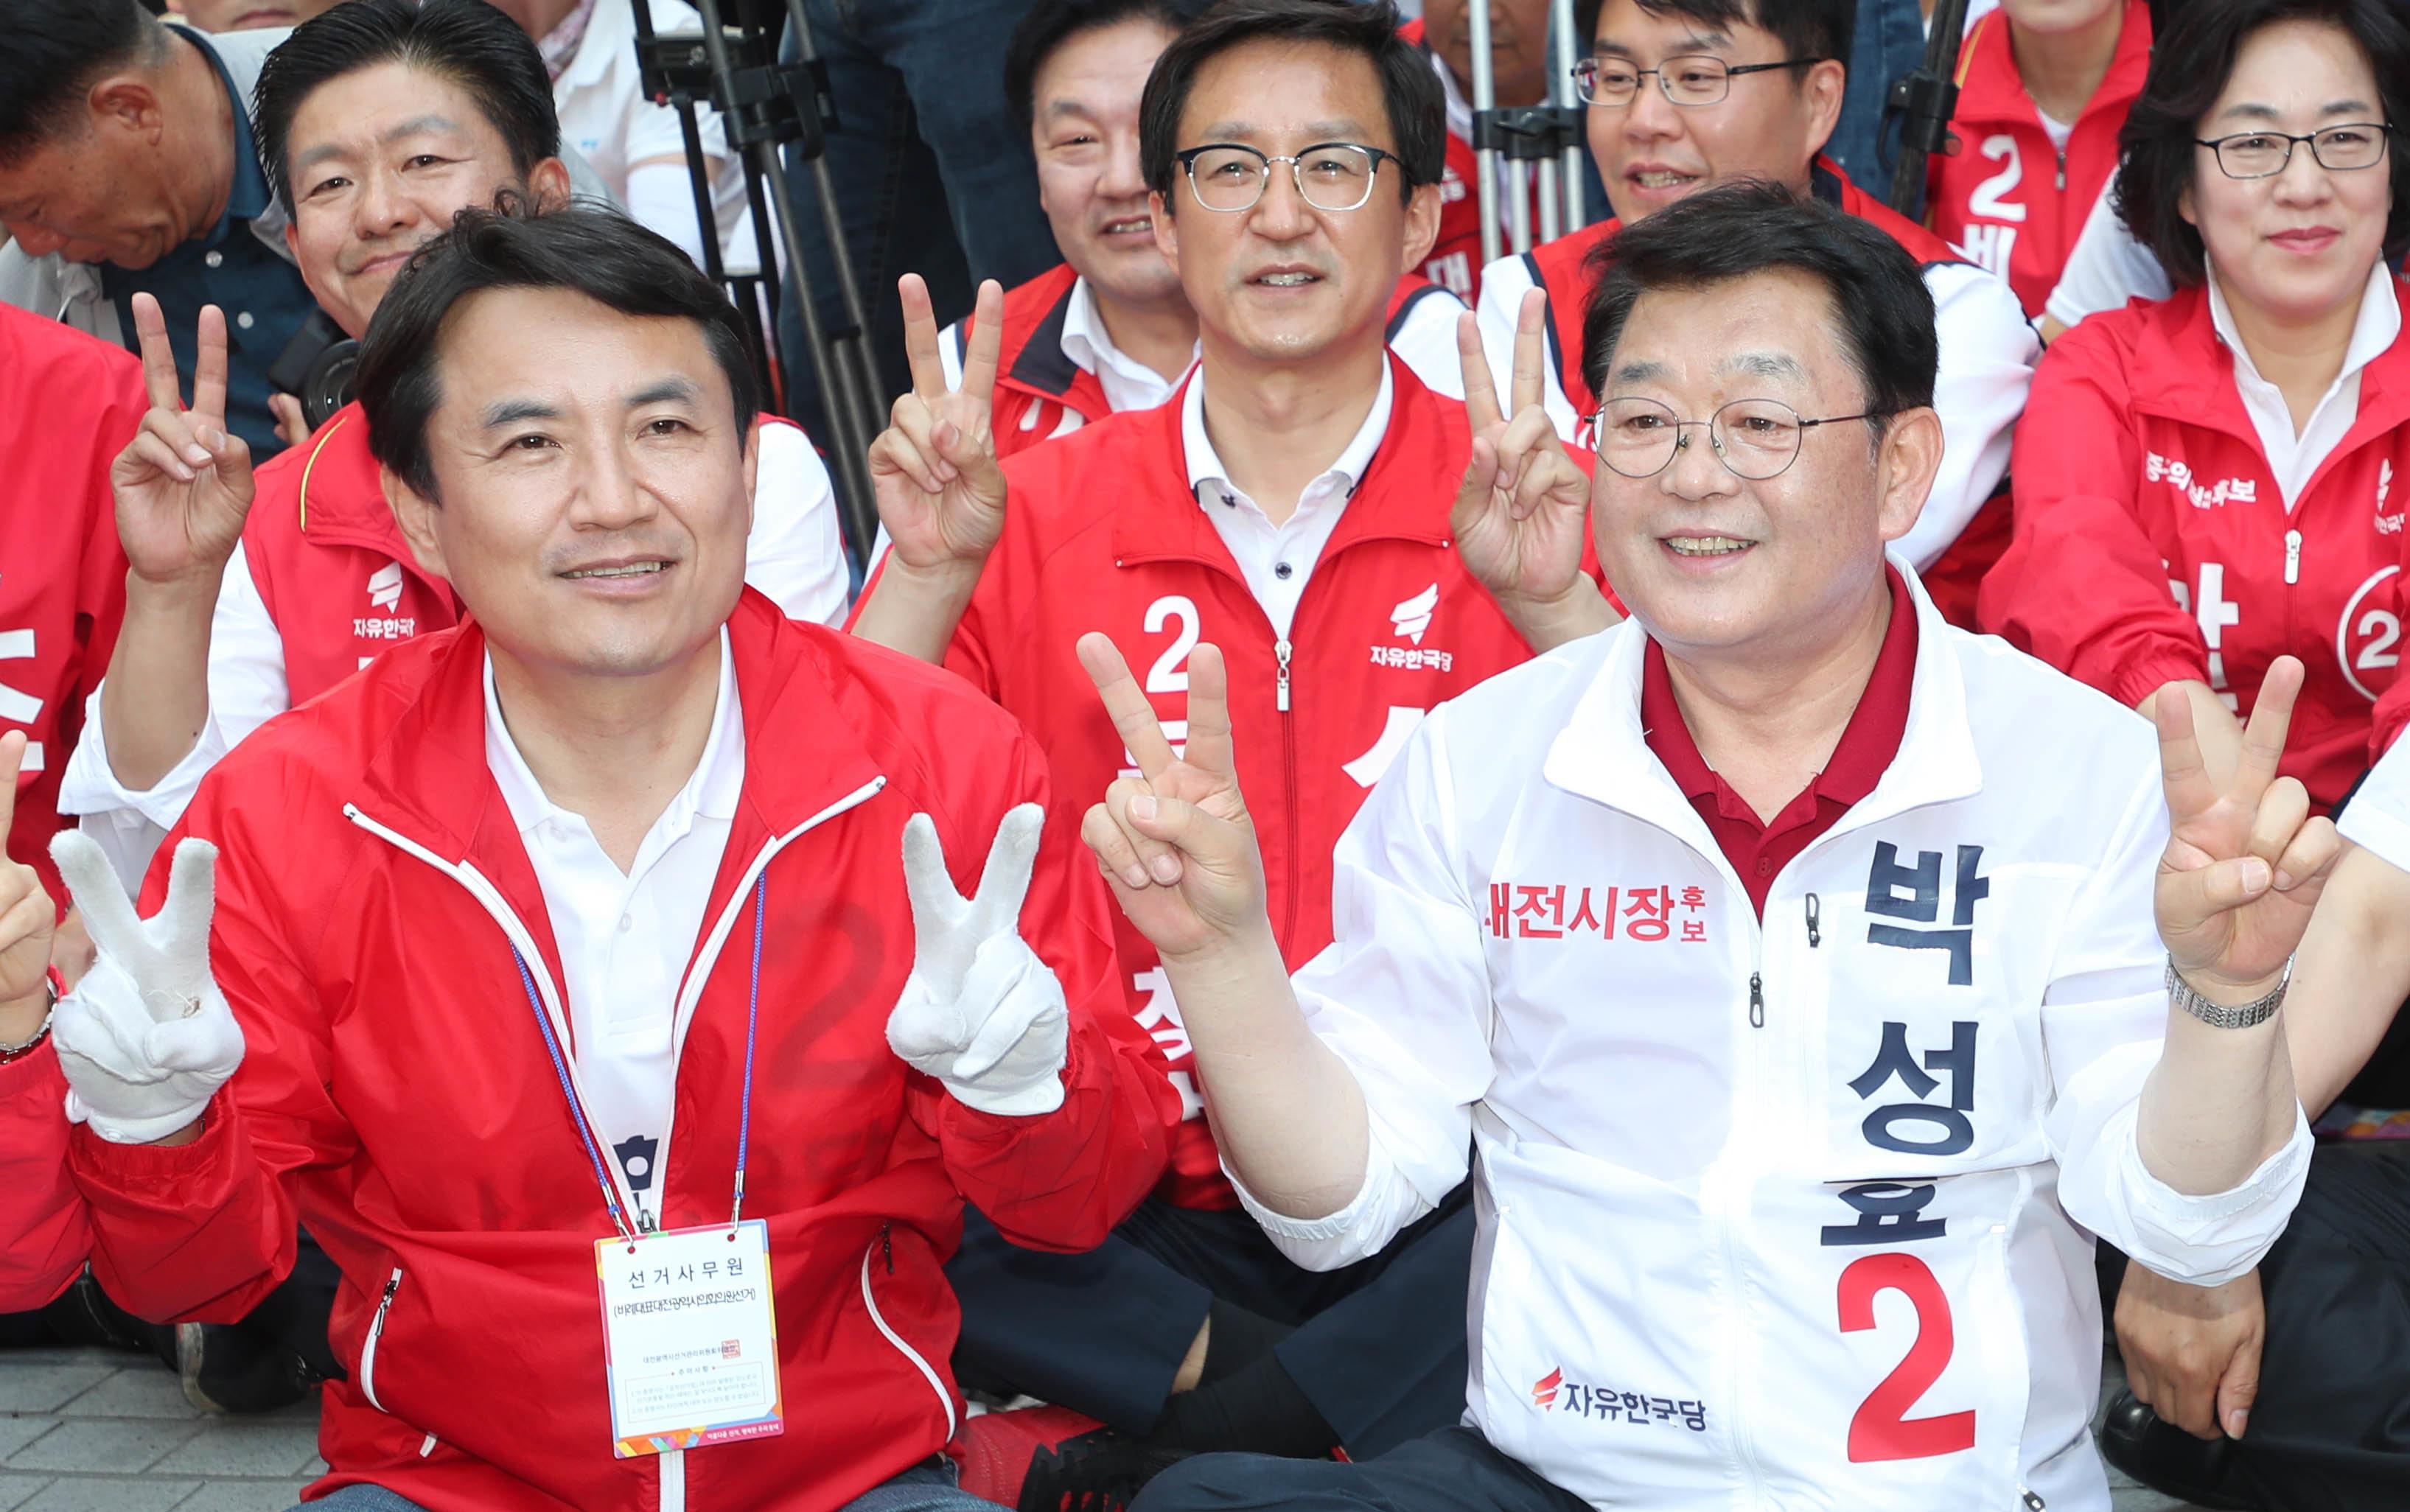 김진태는 여전히 박근혜 석방을 바라고